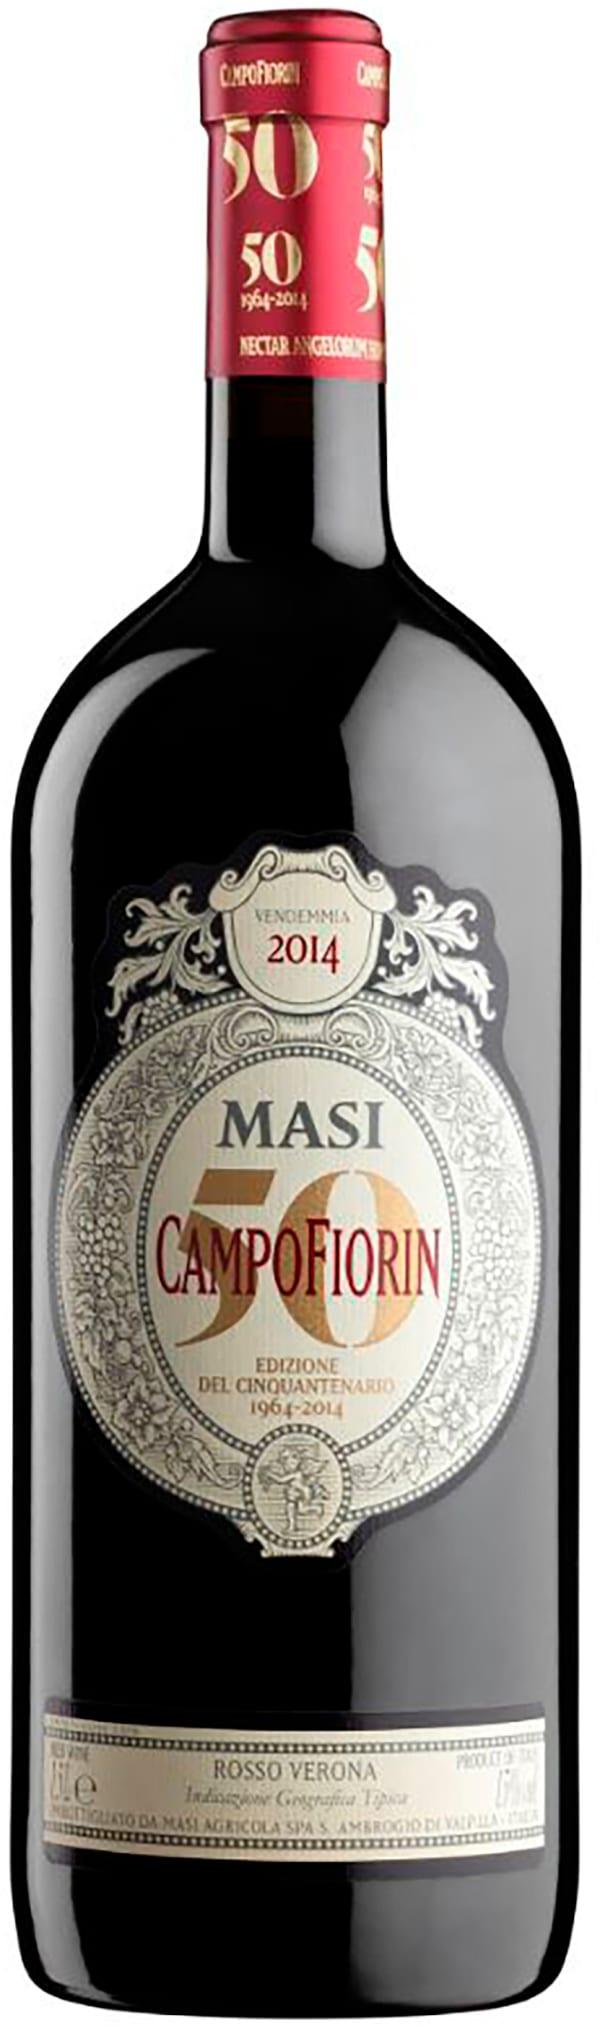 Masi Campofiorin  2017